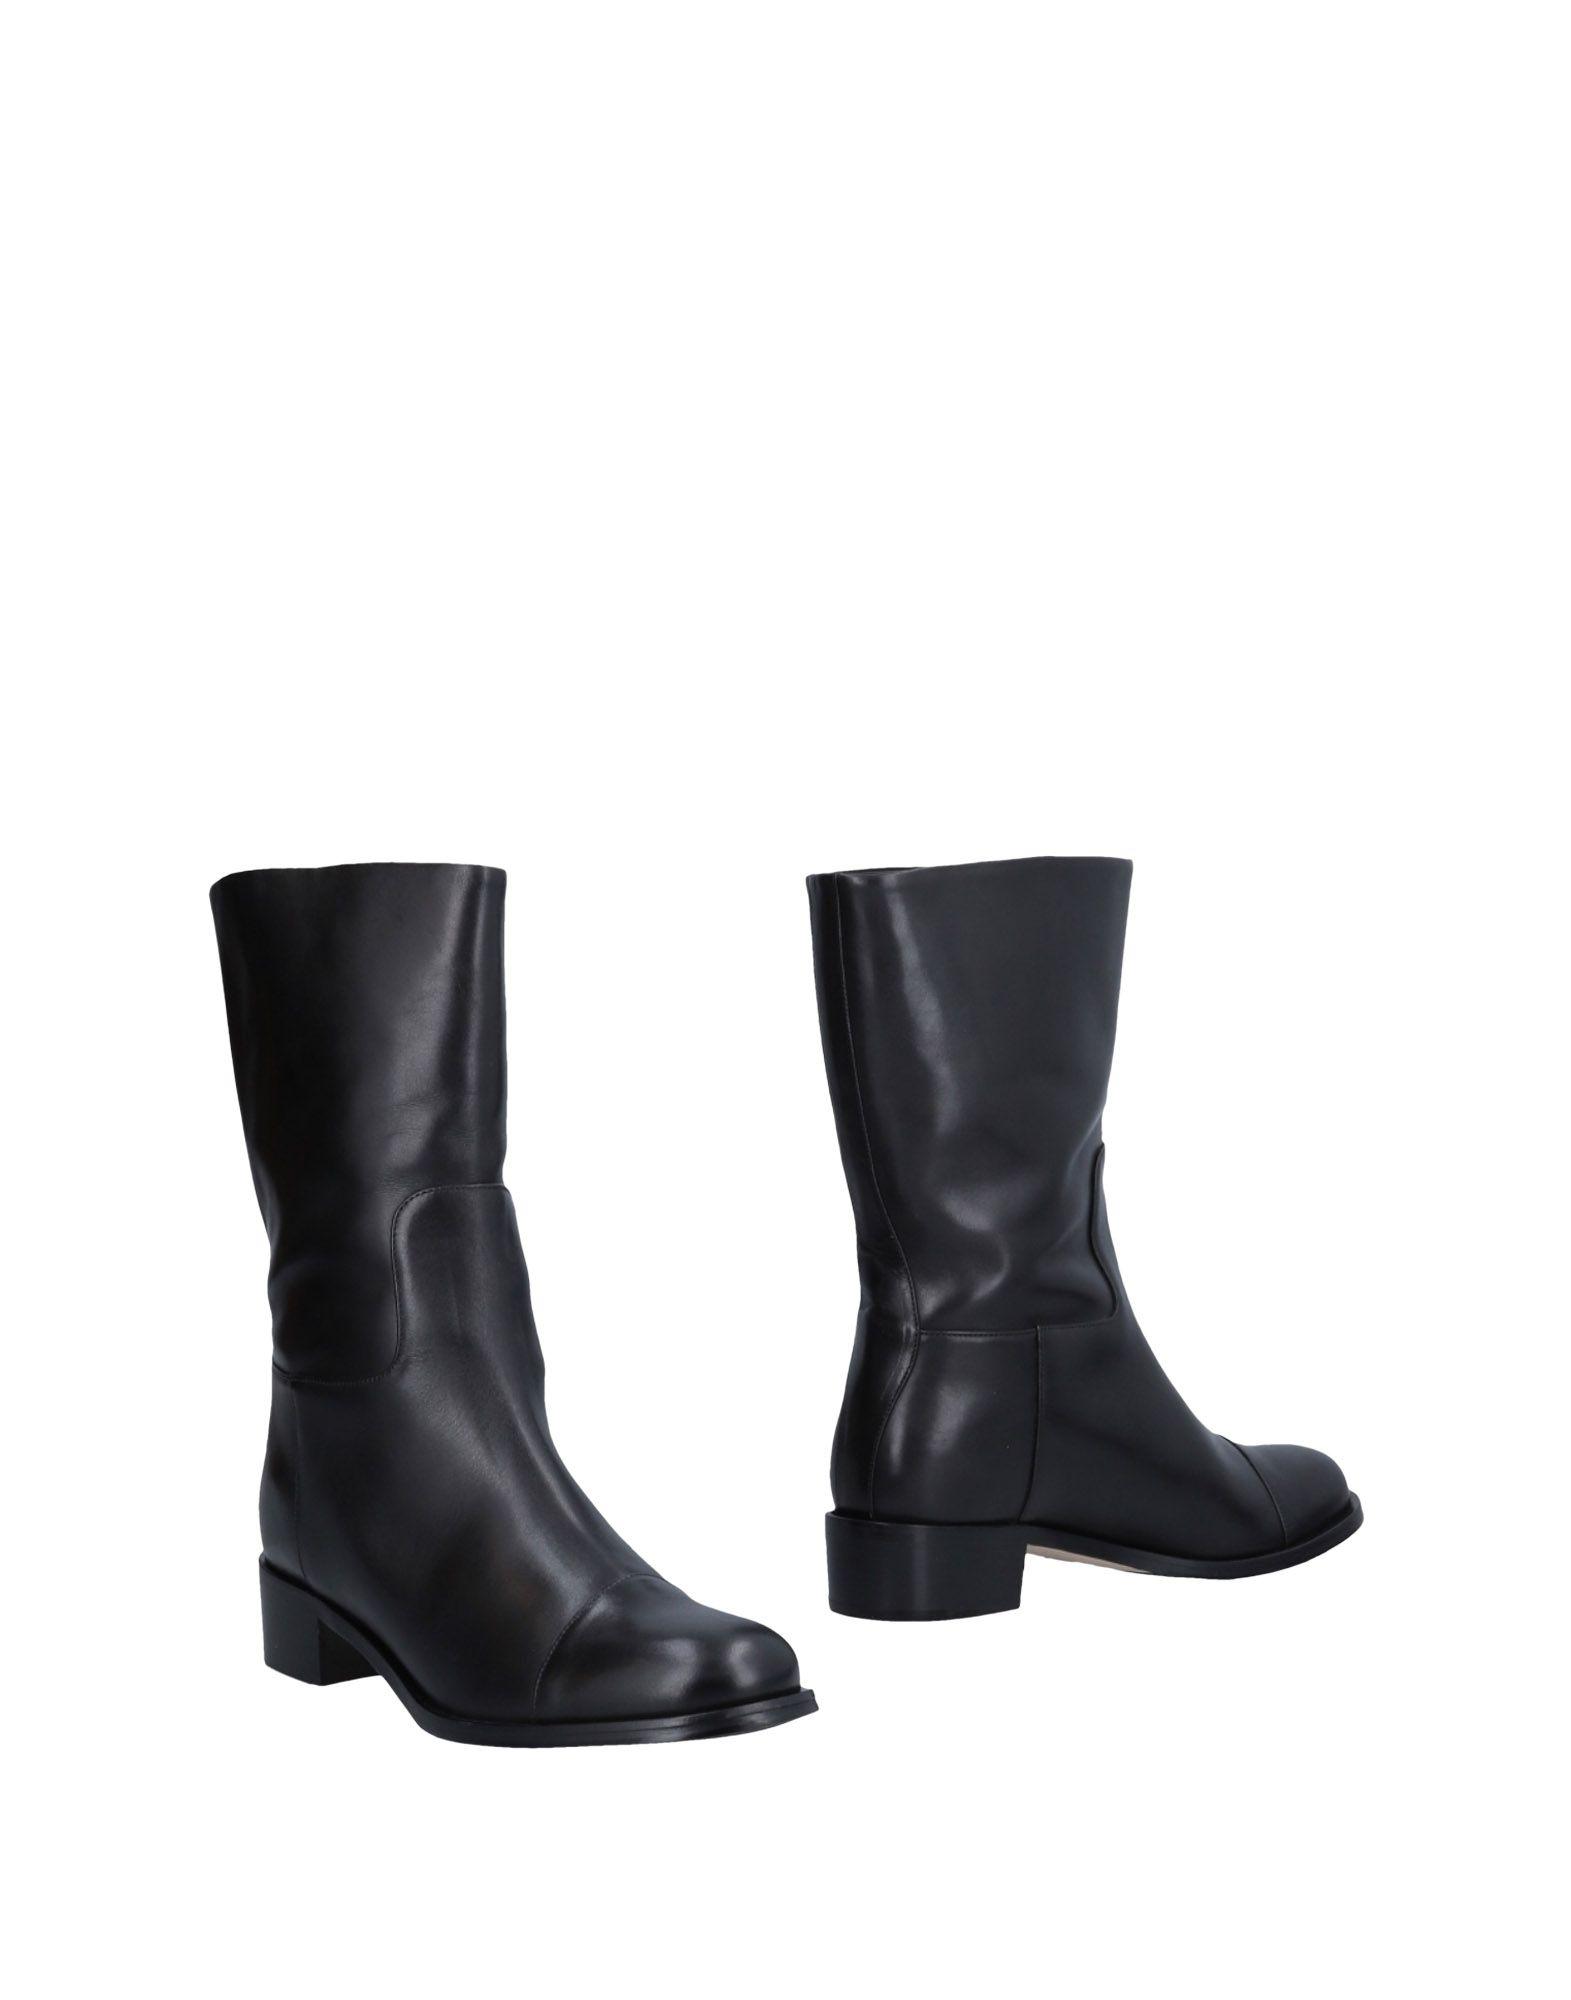 Stilvolle billige  Schuhe Cavallini Stiefelette Damen  billige 11484001JV 34512b